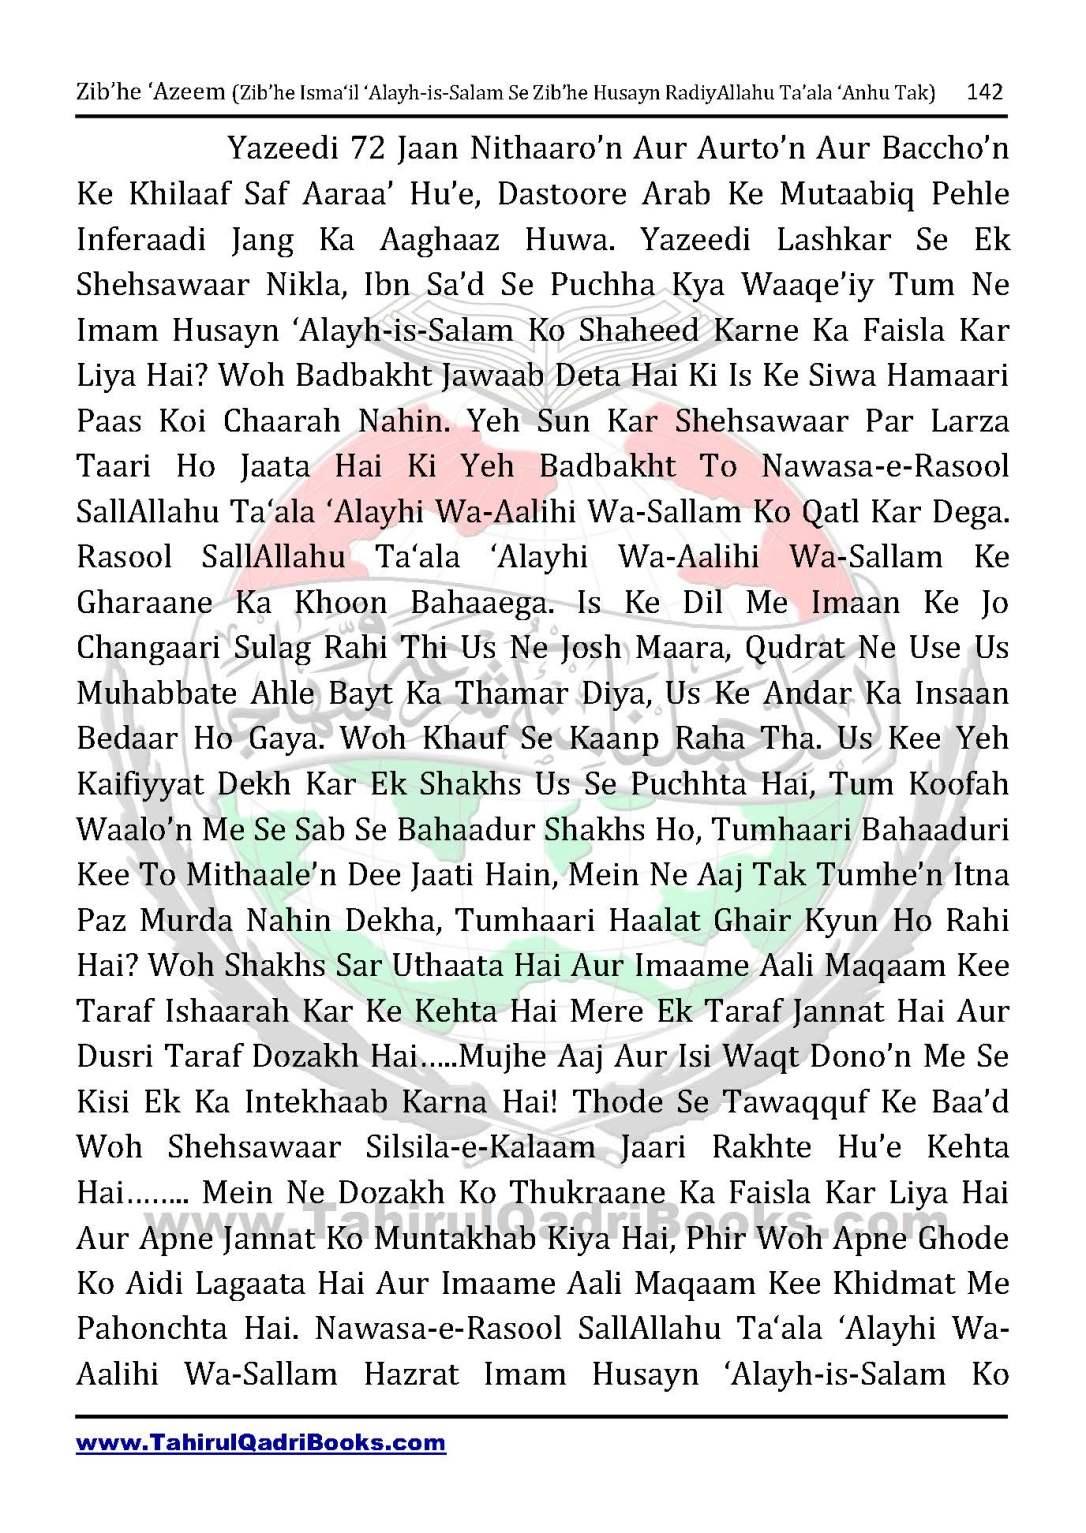 zib_he-e28098azeem-zib_he-ismacabbil-se-zib_he-husayn-tak-in-roman-urdu-unlocked_Page_142